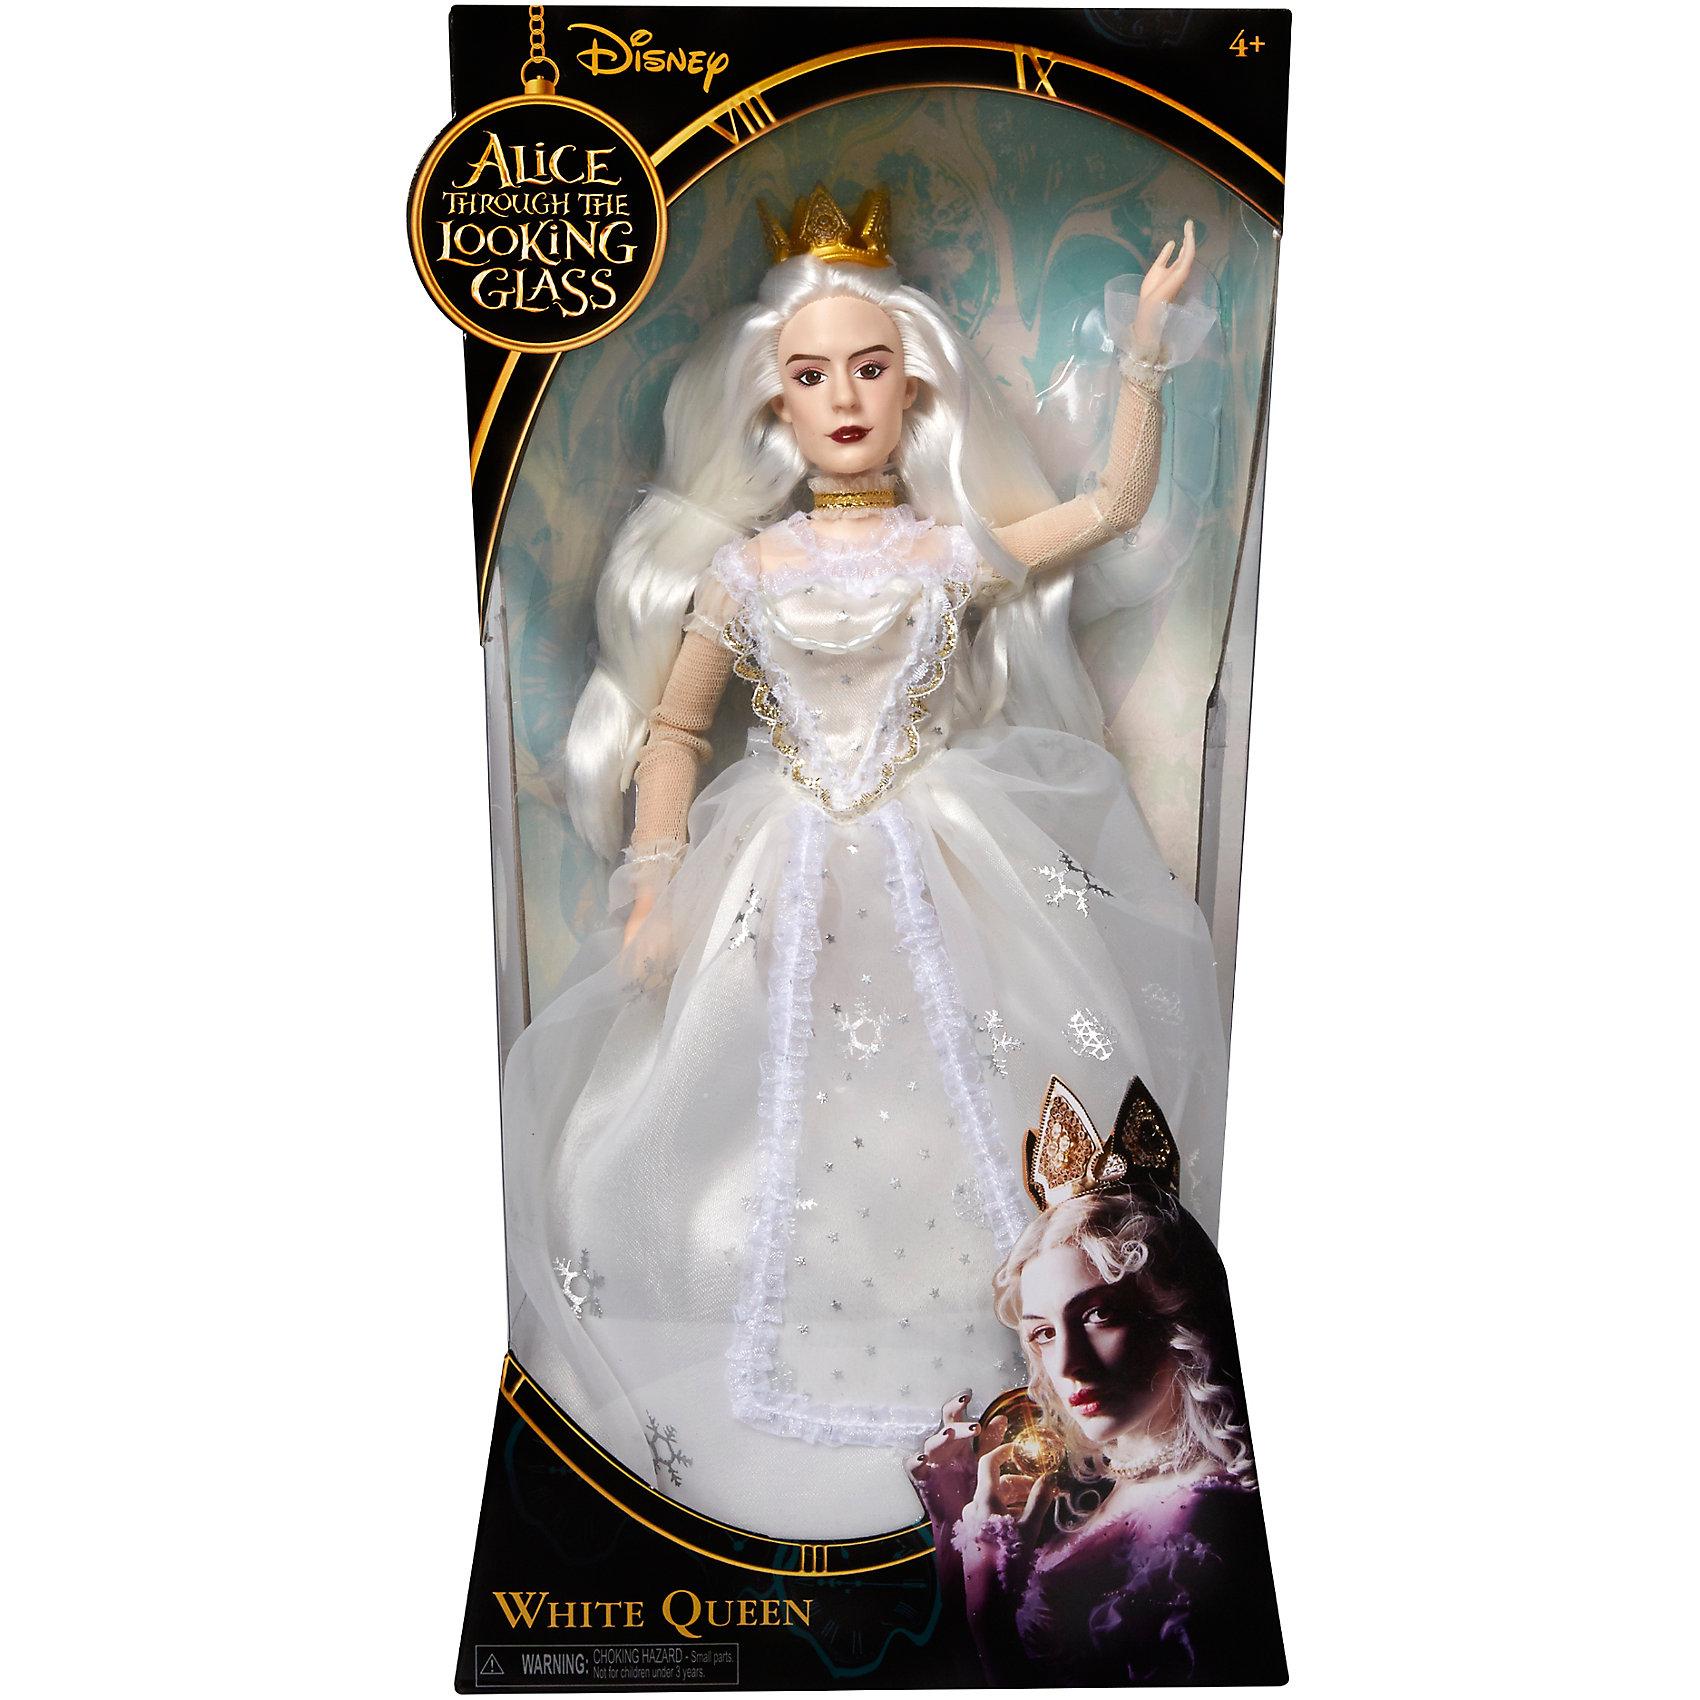 Классическая кукла Белая Королева, Алиса в ЗазеркальеКлассическая кукла Белая Королева – эта кукла, имеющая огромное сходство с героиней фильма.<br>Кукла в образе Белой королевы, героини фильма «Алиса в Зазеркалье» очень похожа на актрису Энн Хэтэуэй, которая сыграла эту роль в киноленте. Кукла одета в платье из белой и серебряной фольги с жемчугом. Дополнительные аксессуары корона, кружева и колье добавляют кукле оригинальности и изящества. Длинные белые волосы уложены в фирменную прическу из фильма. Голова, руки и ноги у куклы вращаются. Руки сгибаются в районе локтей, благодаря встроенным шарнирам.<br><br>Дополнительная информация:<br><br>- Высота: 29 см.<br>- Материал: пластик, текстиль<br><br>Классическую куклу Белая Королева можно купить в нашем интернет-магазине.<br><br>Ширина мм: 18<br>Глубина мм: 80<br>Высота мм: 360<br>Вес г: 450<br>Возраст от месяцев: 36<br>Возраст до месяцев: 1188<br>Пол: Женский<br>Возраст: Детский<br>SKU: 4751314